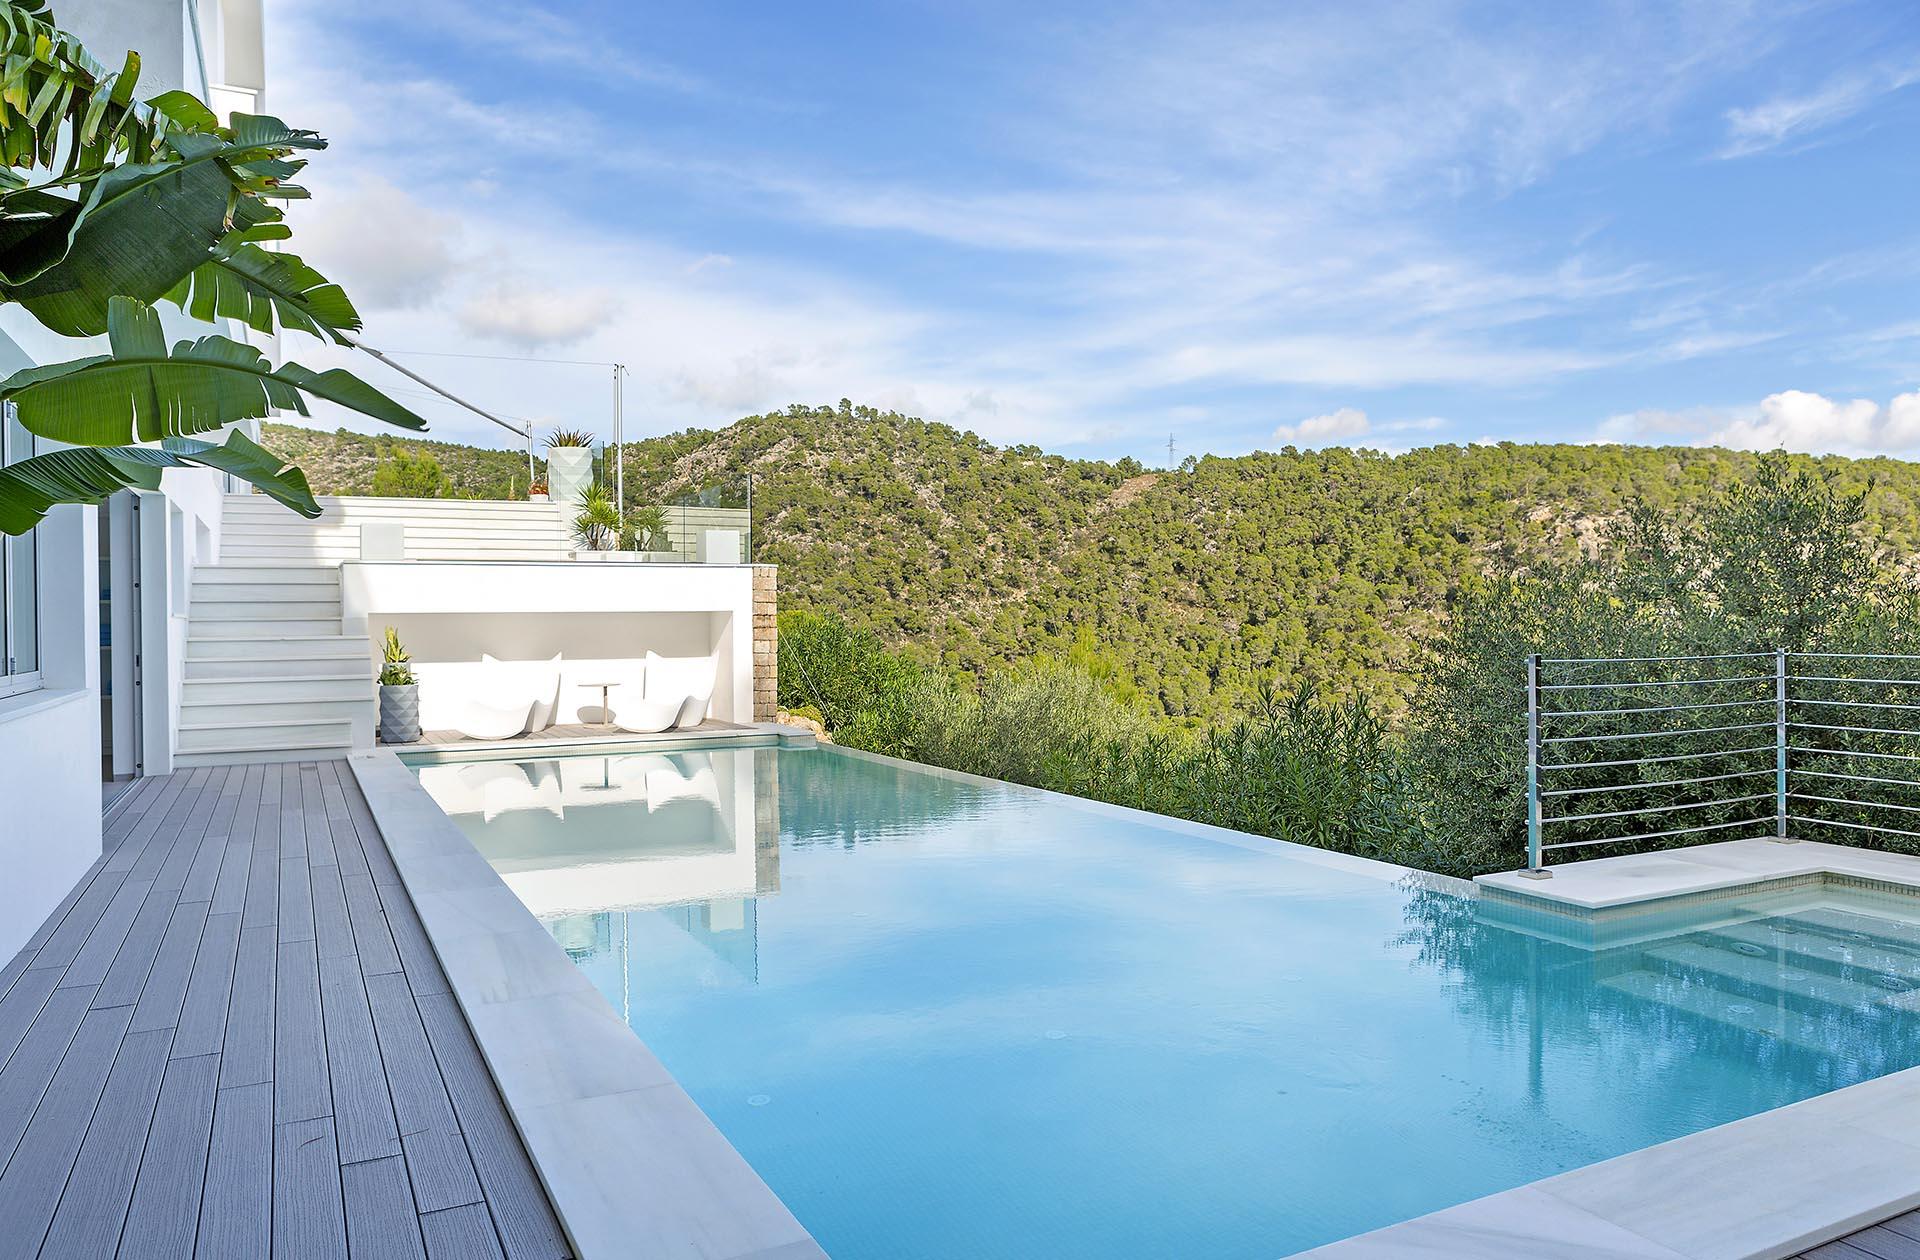 Hermosa villa en Costa d'en Blanes - Gran piscina de desbordamiento